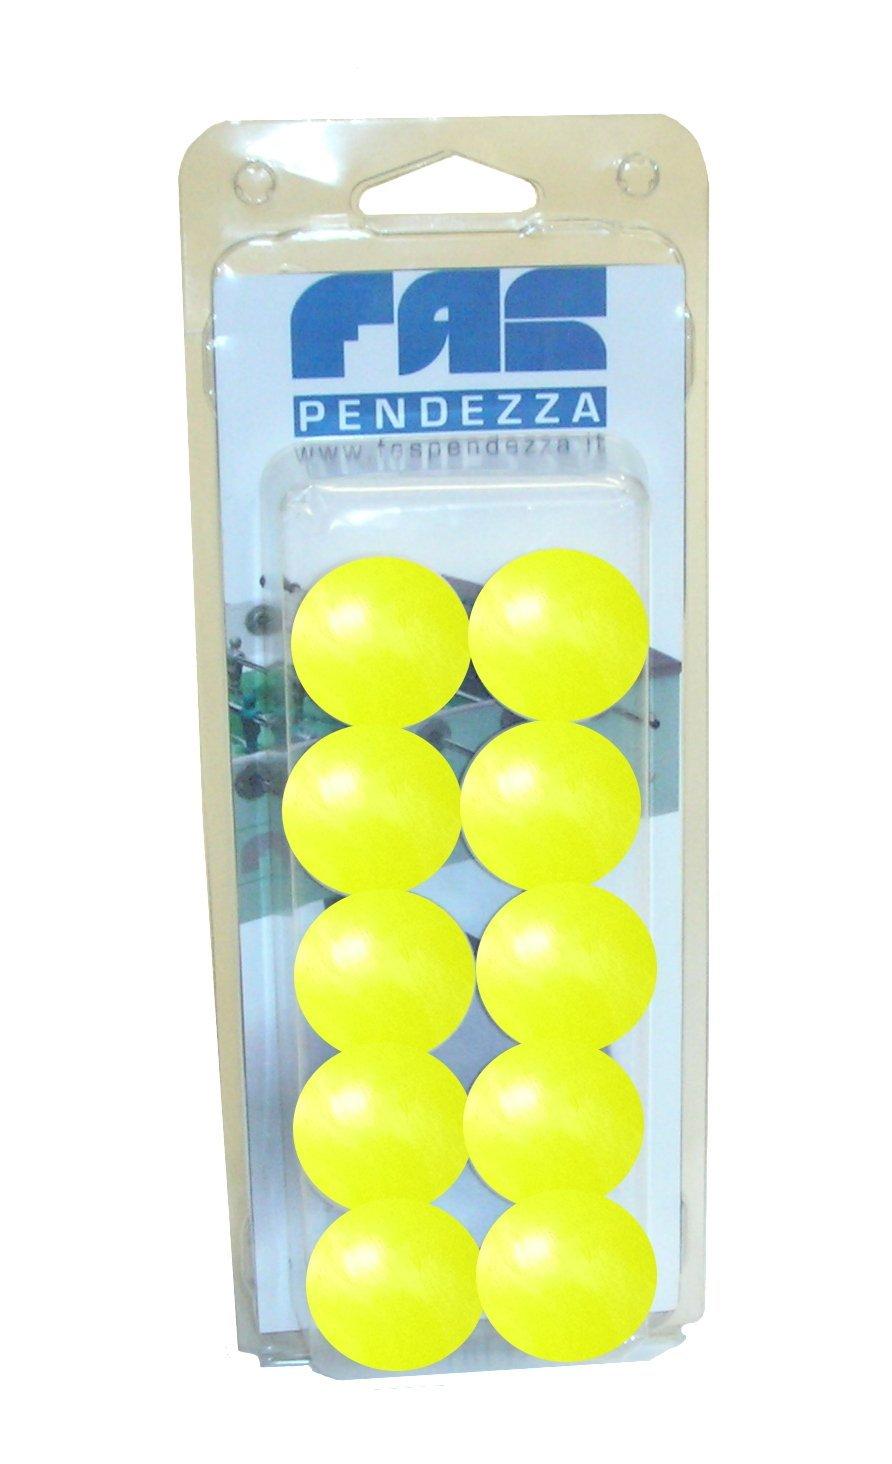 10 palline calcio balilla gialle FAS - GA19GI, Blister (confezione plastica) No name